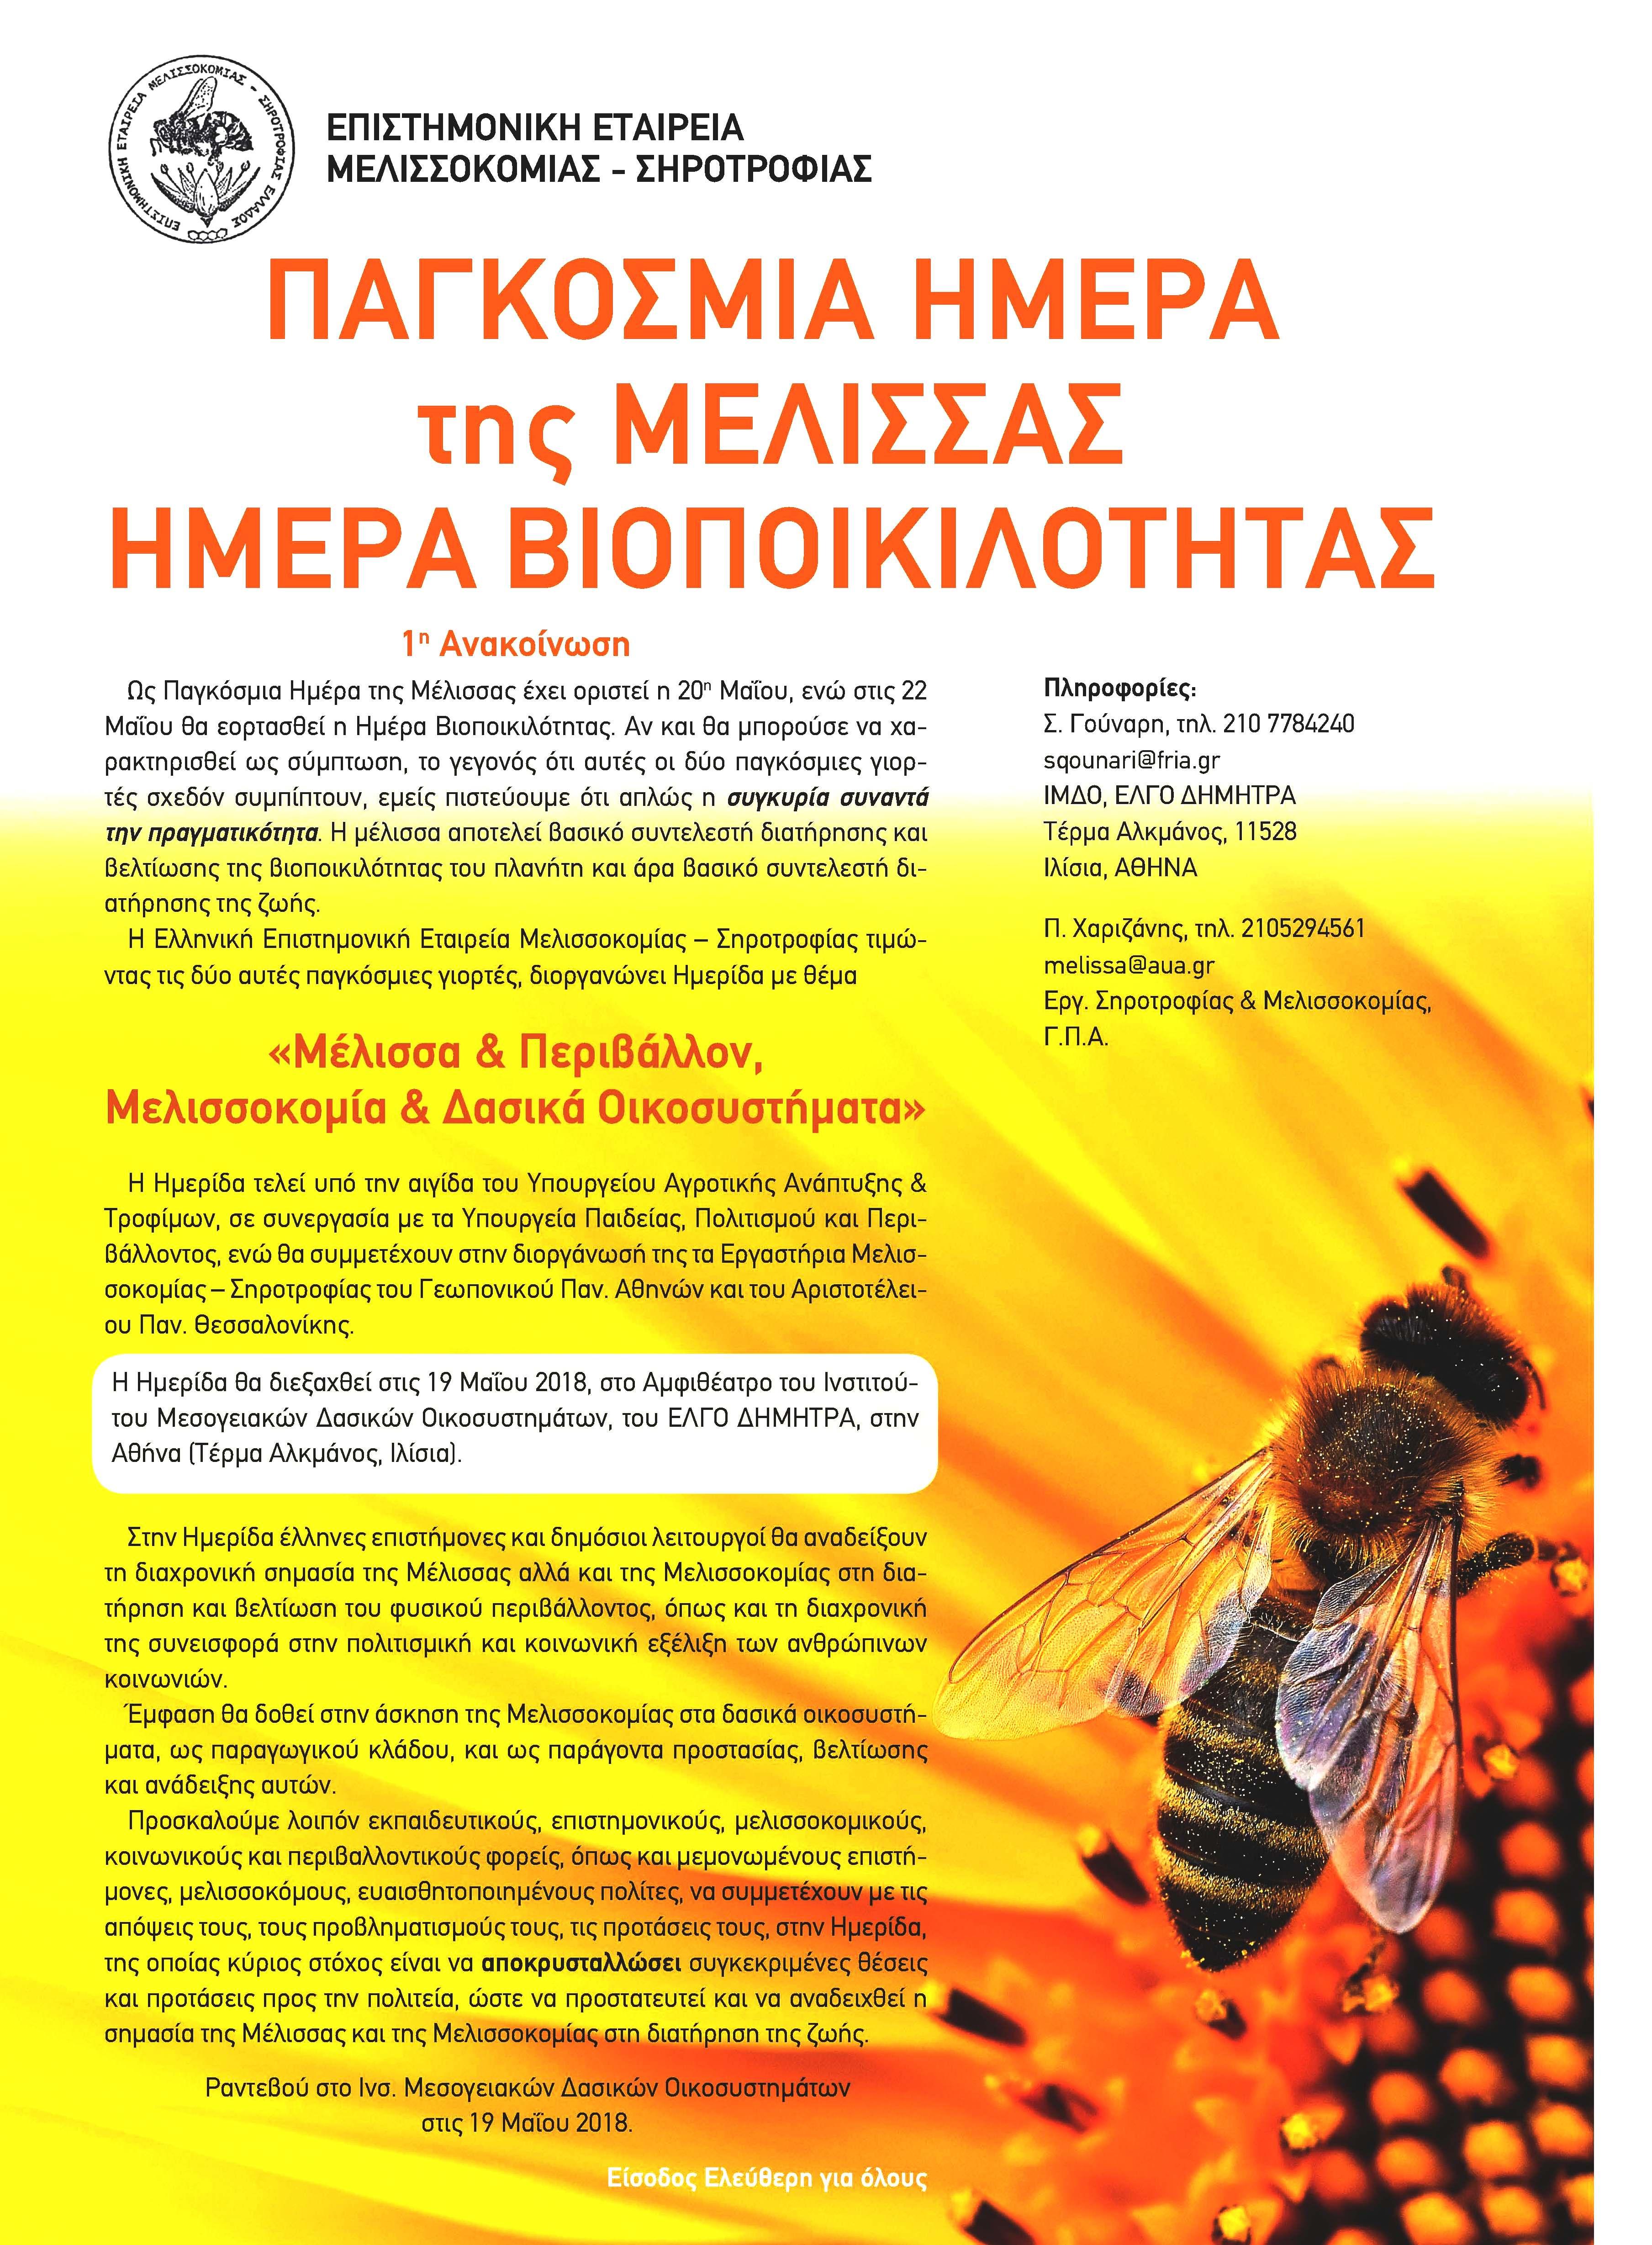 Ημέρα Μέλισσας - Ημερίδα 1.2